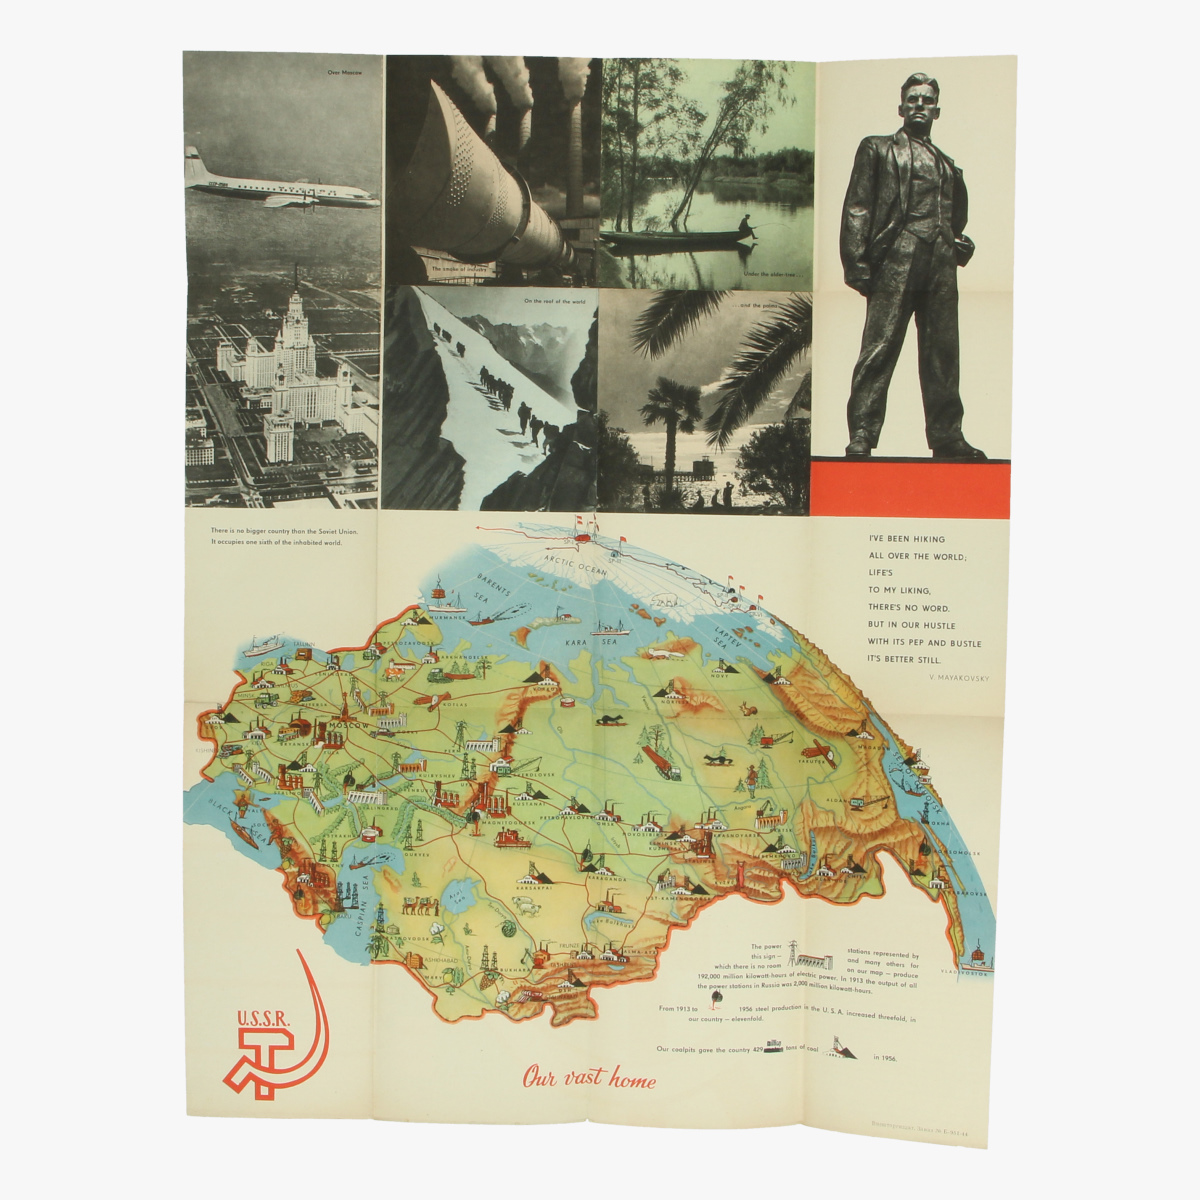 Afbeeldingen van expo 58 u.s.s.r section brussels universal and international exhibition 1958